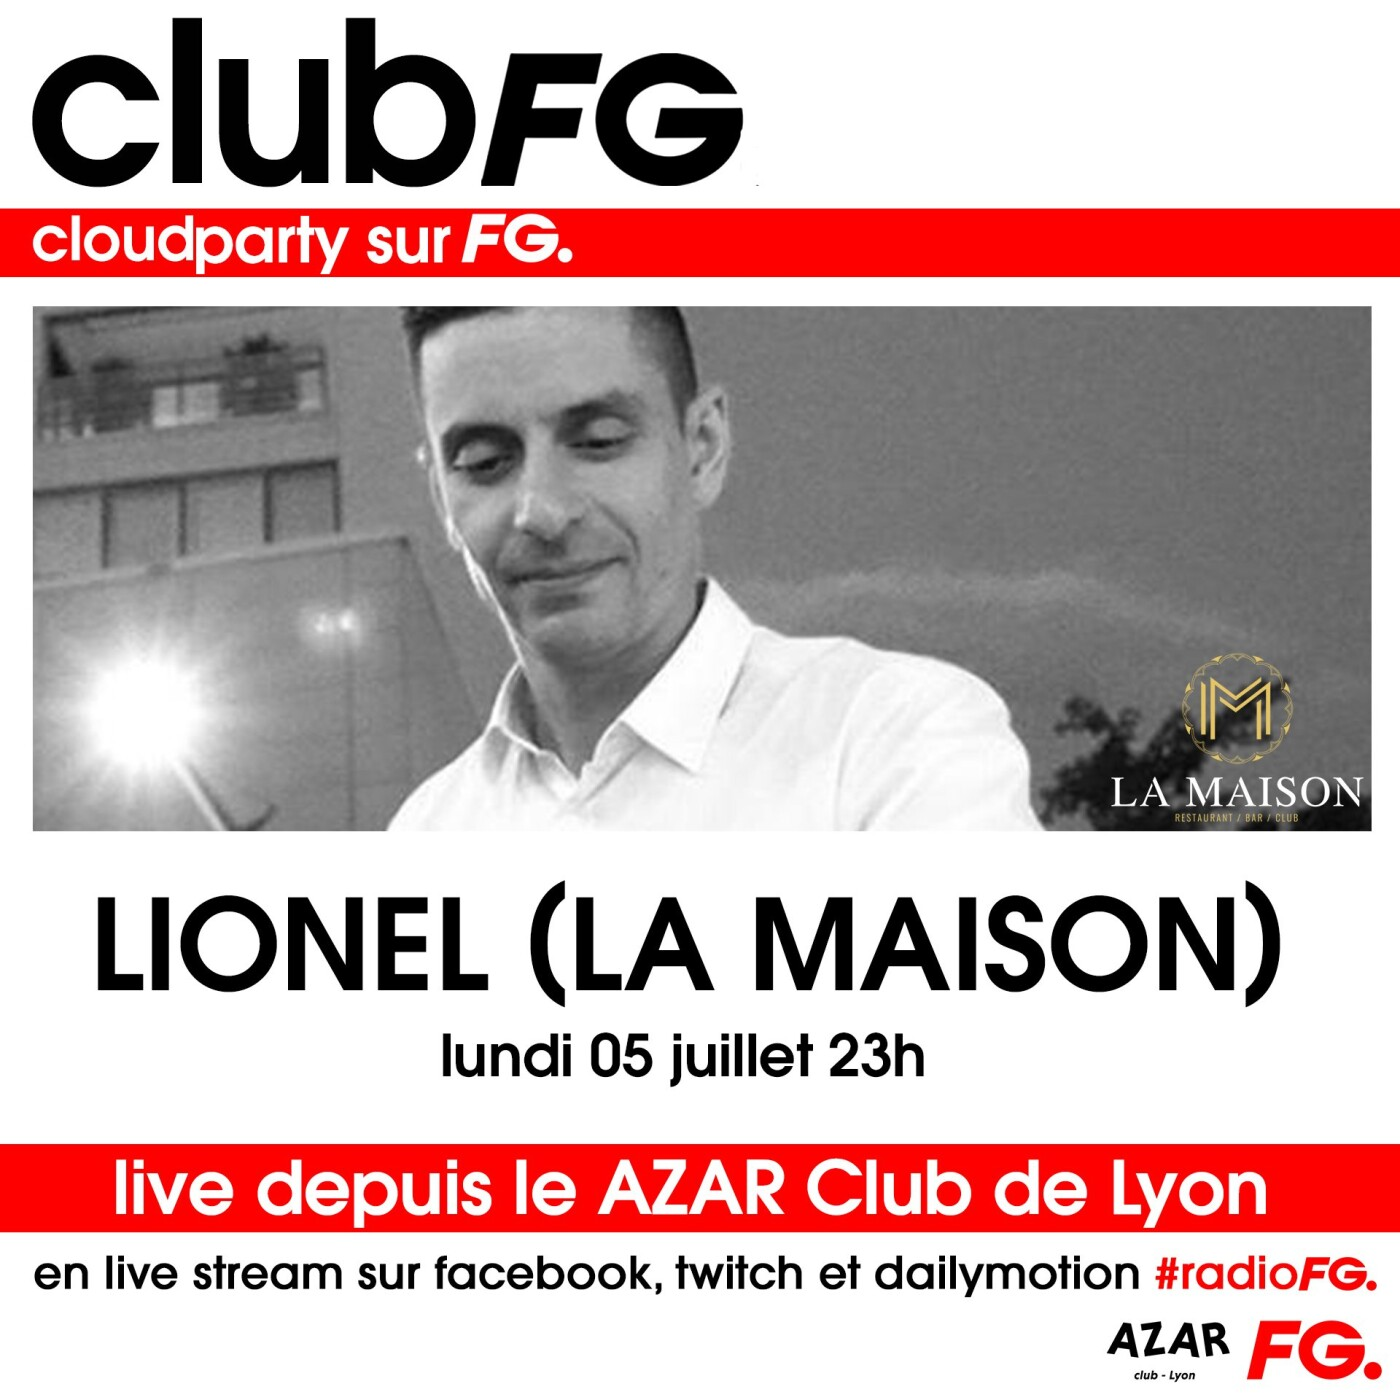 CLOUD PARTY : LIONEL LA MAISON